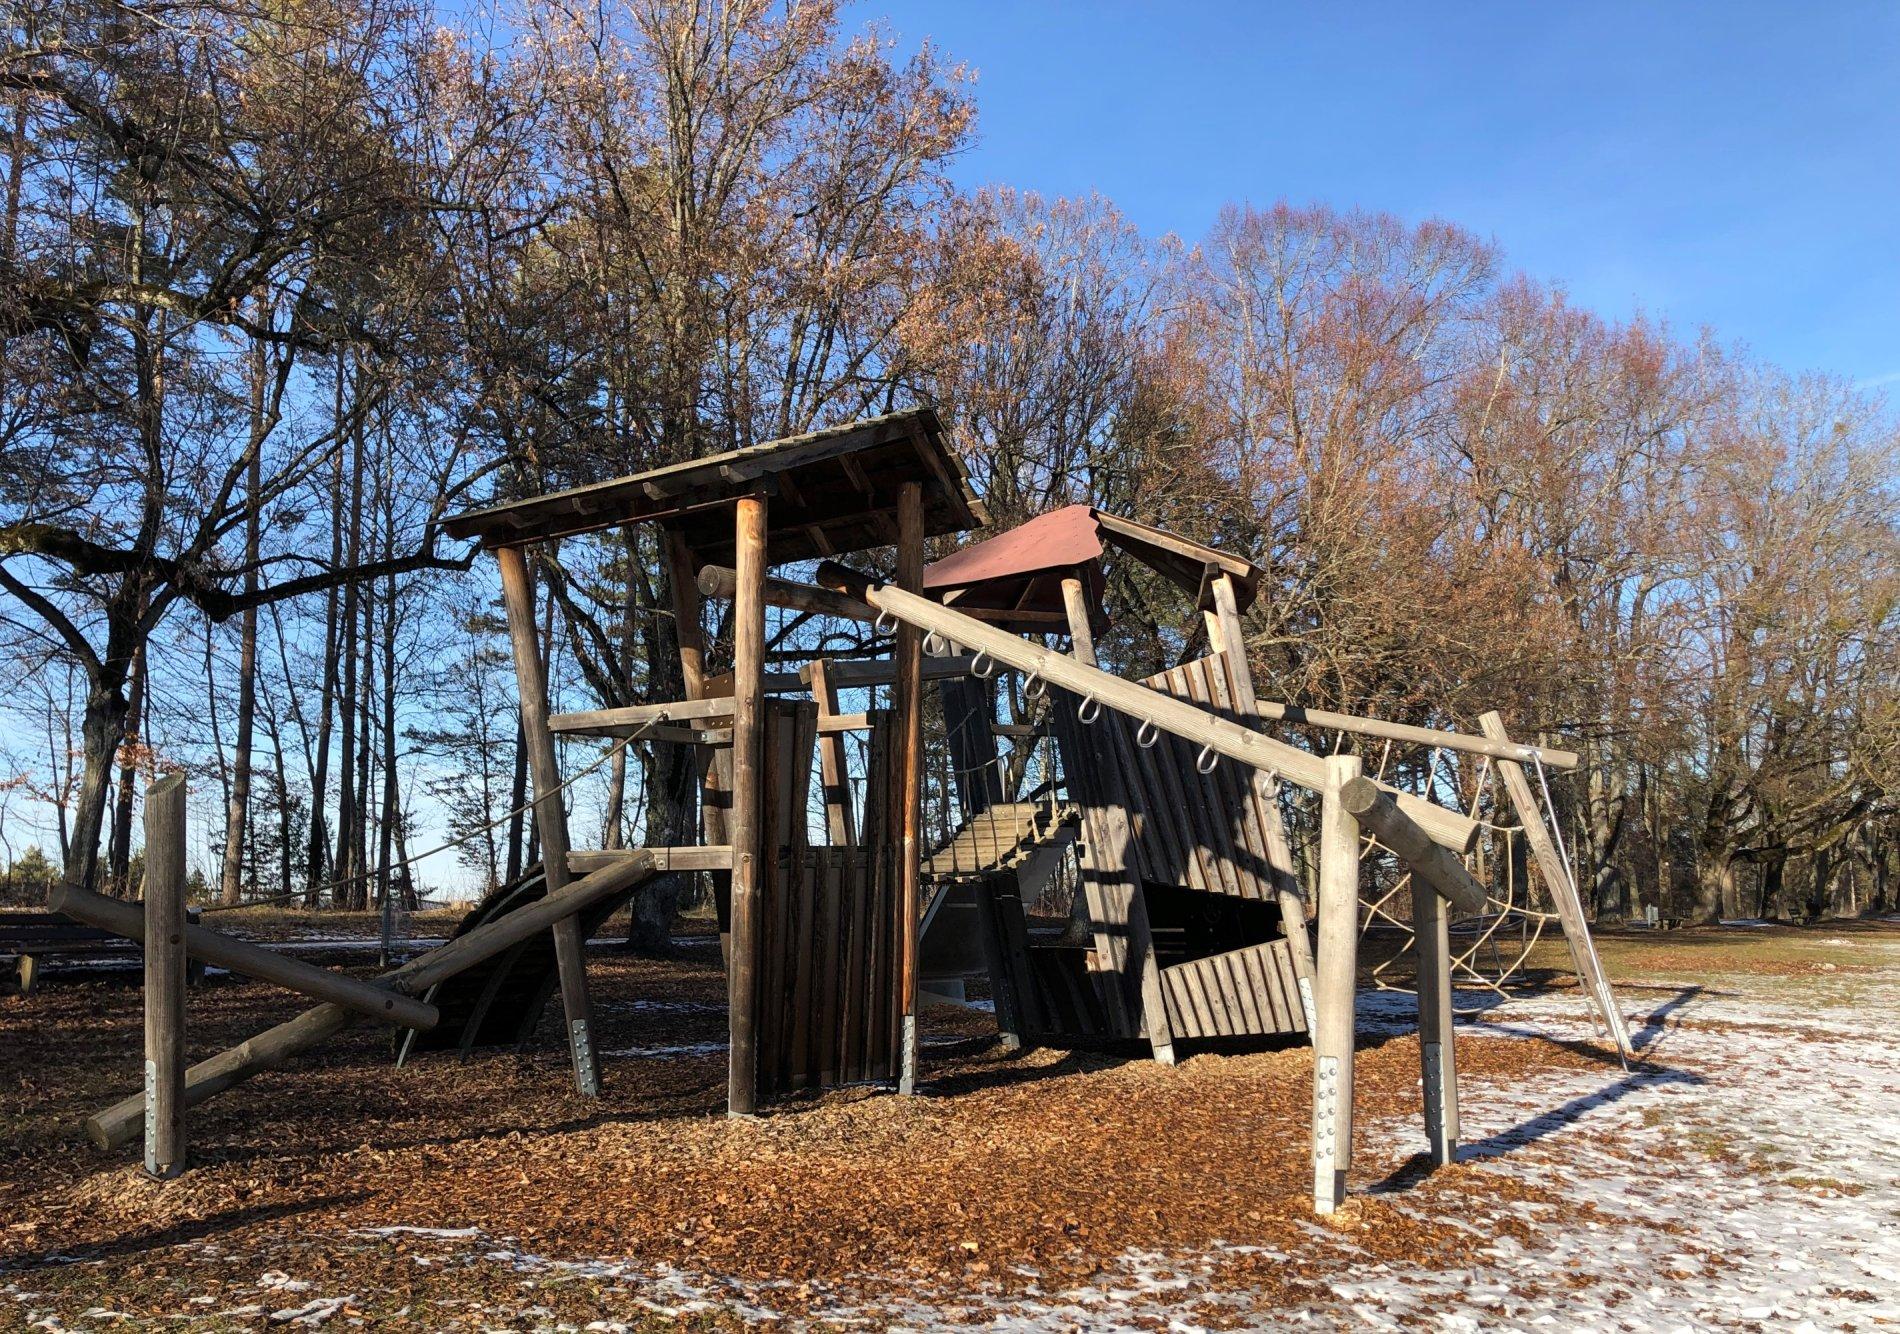 Klettergerüst auf dem Spielplatz Heuberg